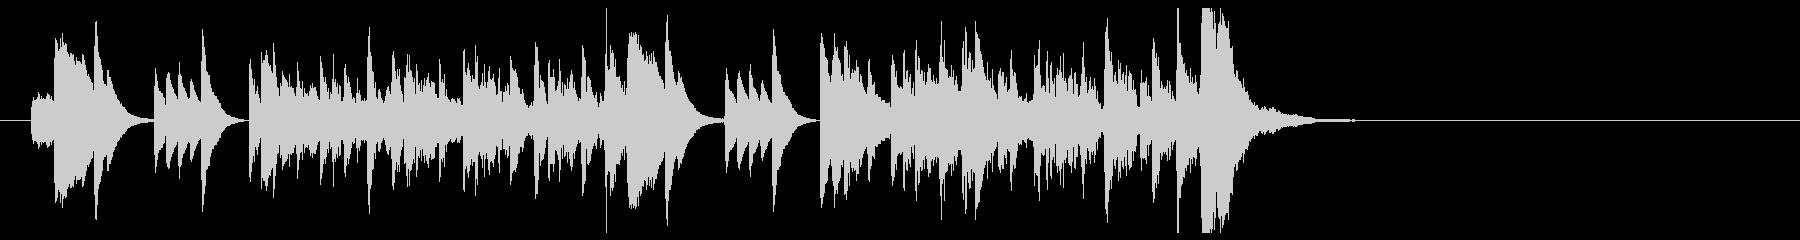 ピアノと木琴による軽快でおしゃれな小曲の未再生の波形